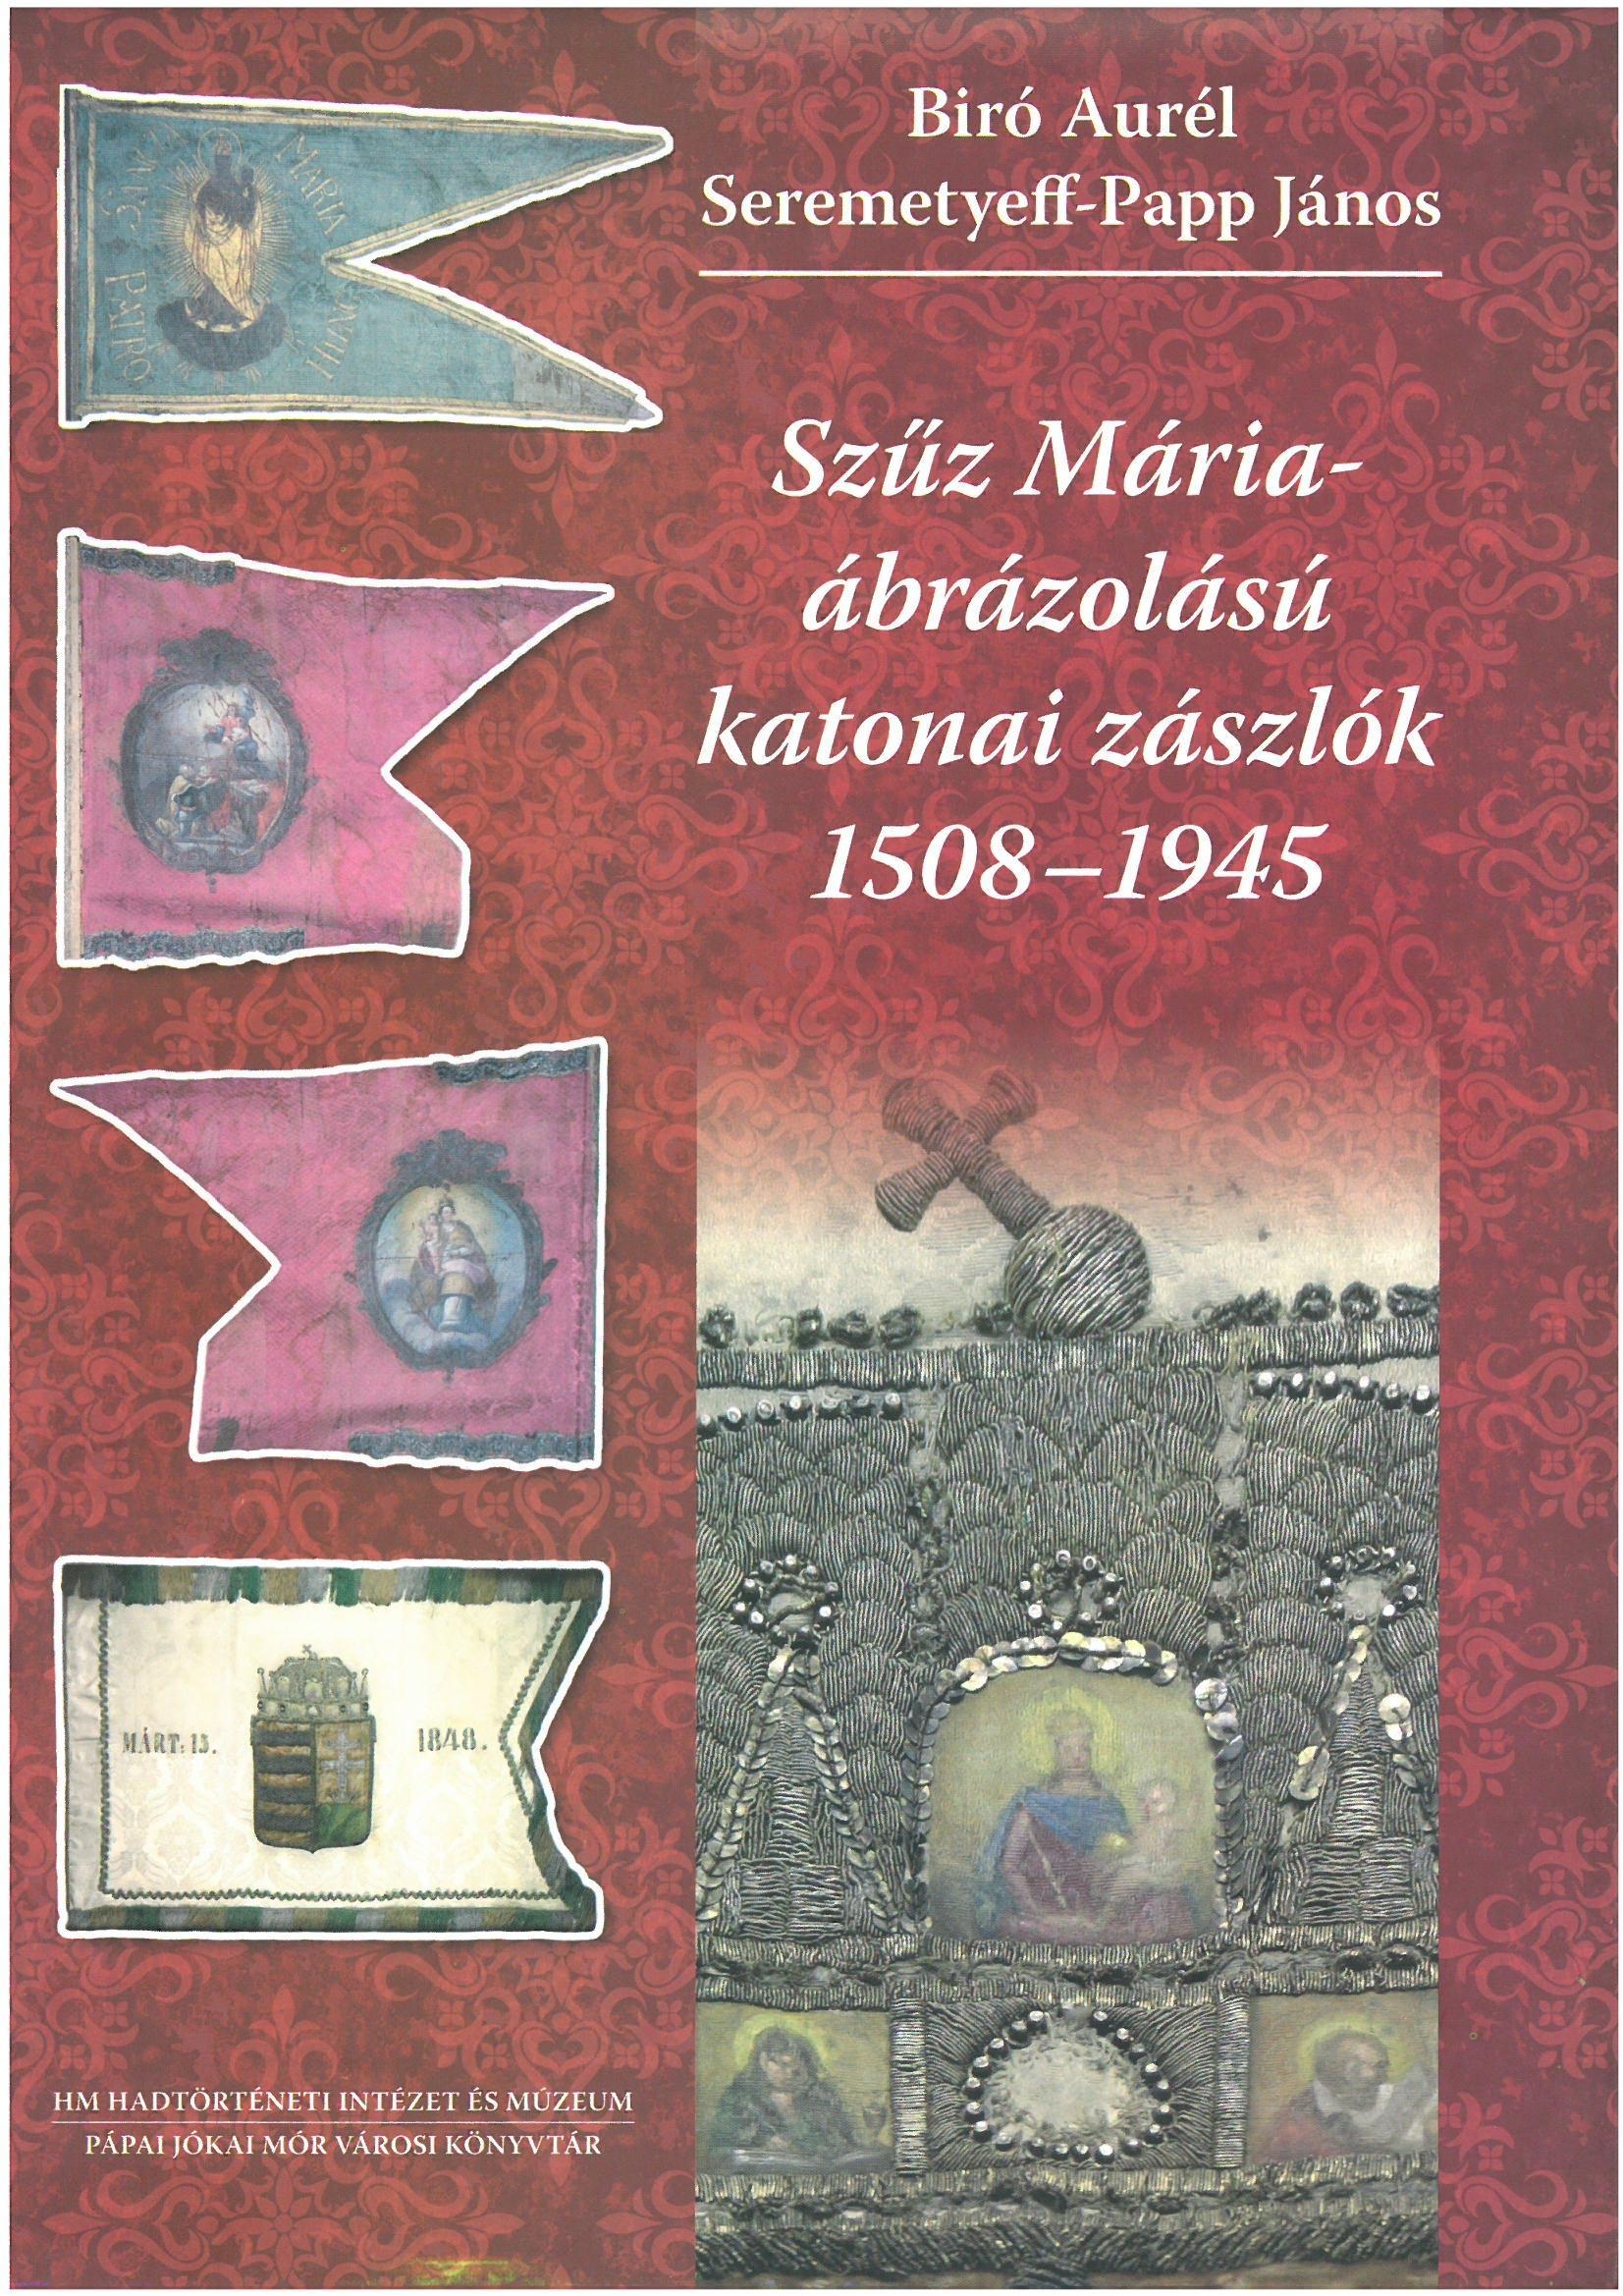 SZŰZ MÁRIA-ÁBRÁZOLÁSÚ KATONAI ZÁSZLÓK 1508-1945